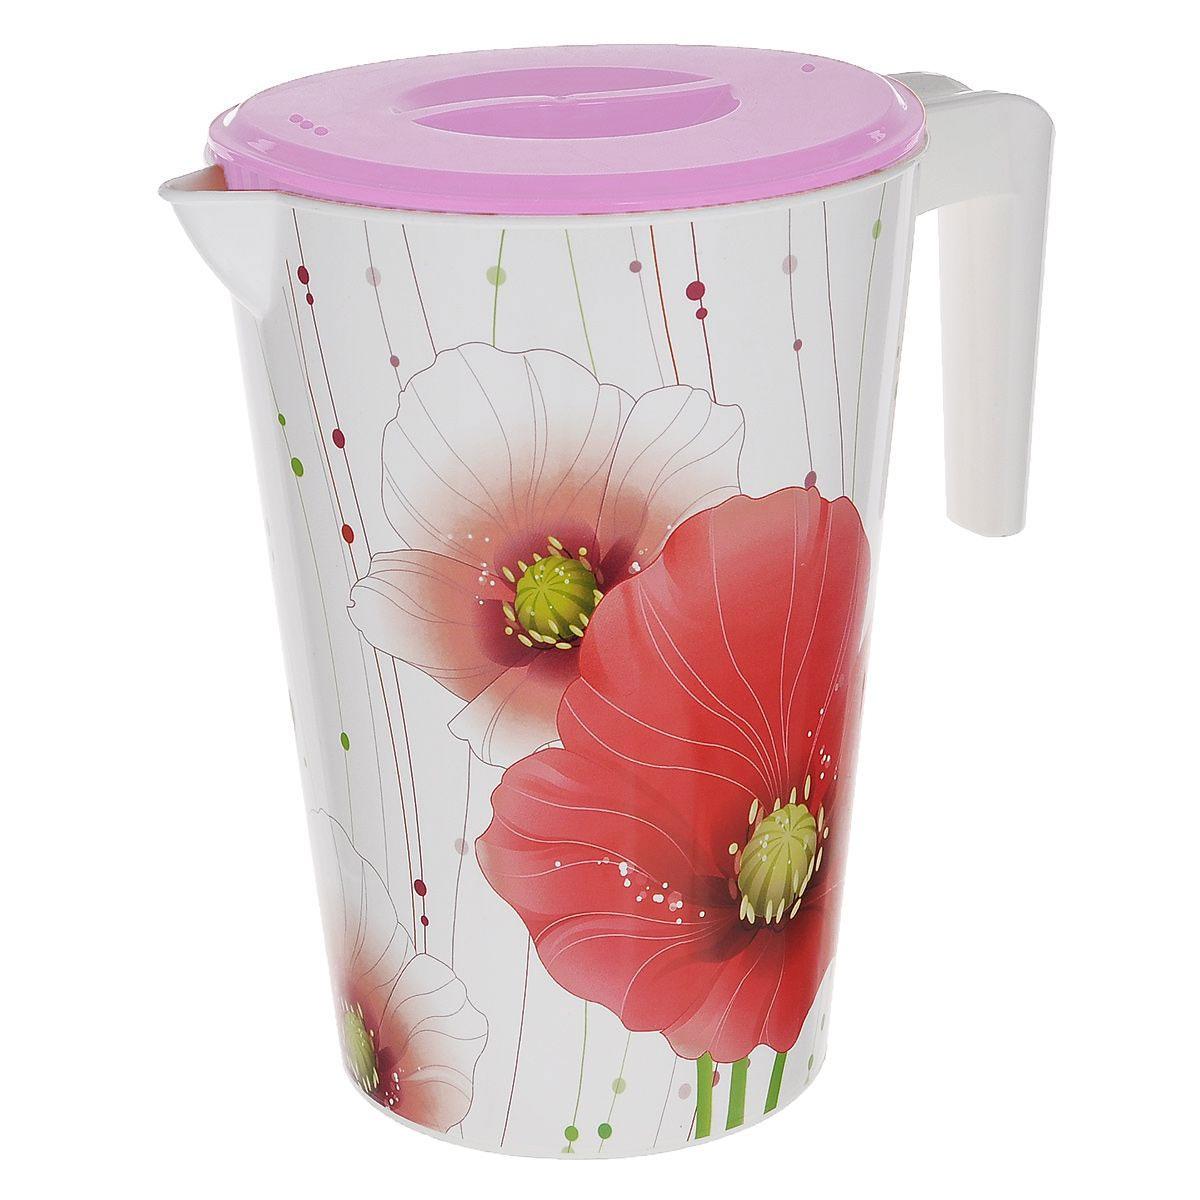 Кувшин Альтернатива Изюминка, с крышкой, белый, розовый, 2 лМ1945_белый, розовыйКувшин Альтернатива Изюминка, выполненный из пластика и декорированный цветочным рисунком, элегантно украсит ваш стол. Кувшин оснащен удобной ручкой и плотно закрывающейся пластиковой крышкой. Изделие имеет носик для выливания жидкости. Подойдет для подачи воды, сока, компота и других напитков. Кувшин Альтернатива Изюминка дополнит интерьер вашей кухни и станет замечательным подарком к любому празднику. Диаметр (по верхнему краю): 14 см. Диаметр основания: 10,5 см. Высота кувшина (без учета крышки): 20 см.